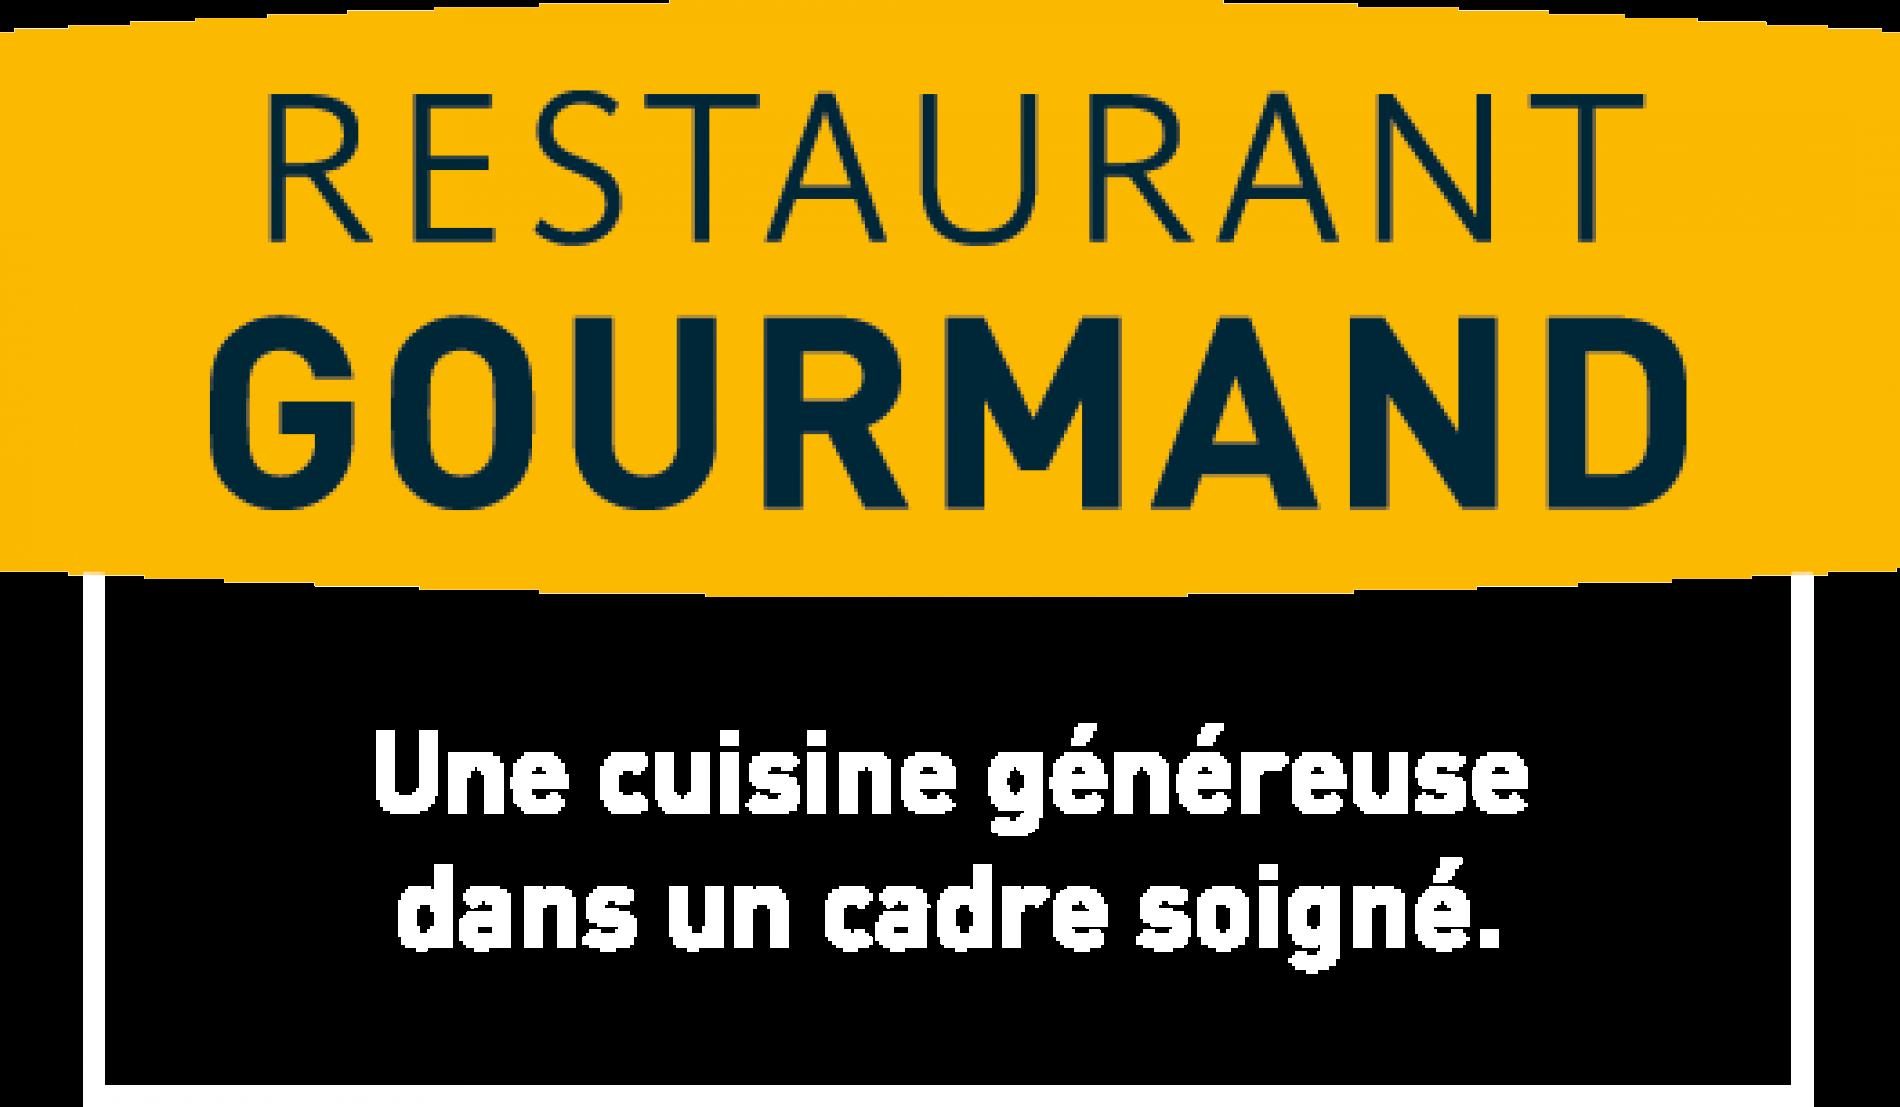 Nouveau logos logis restaurant gourmand